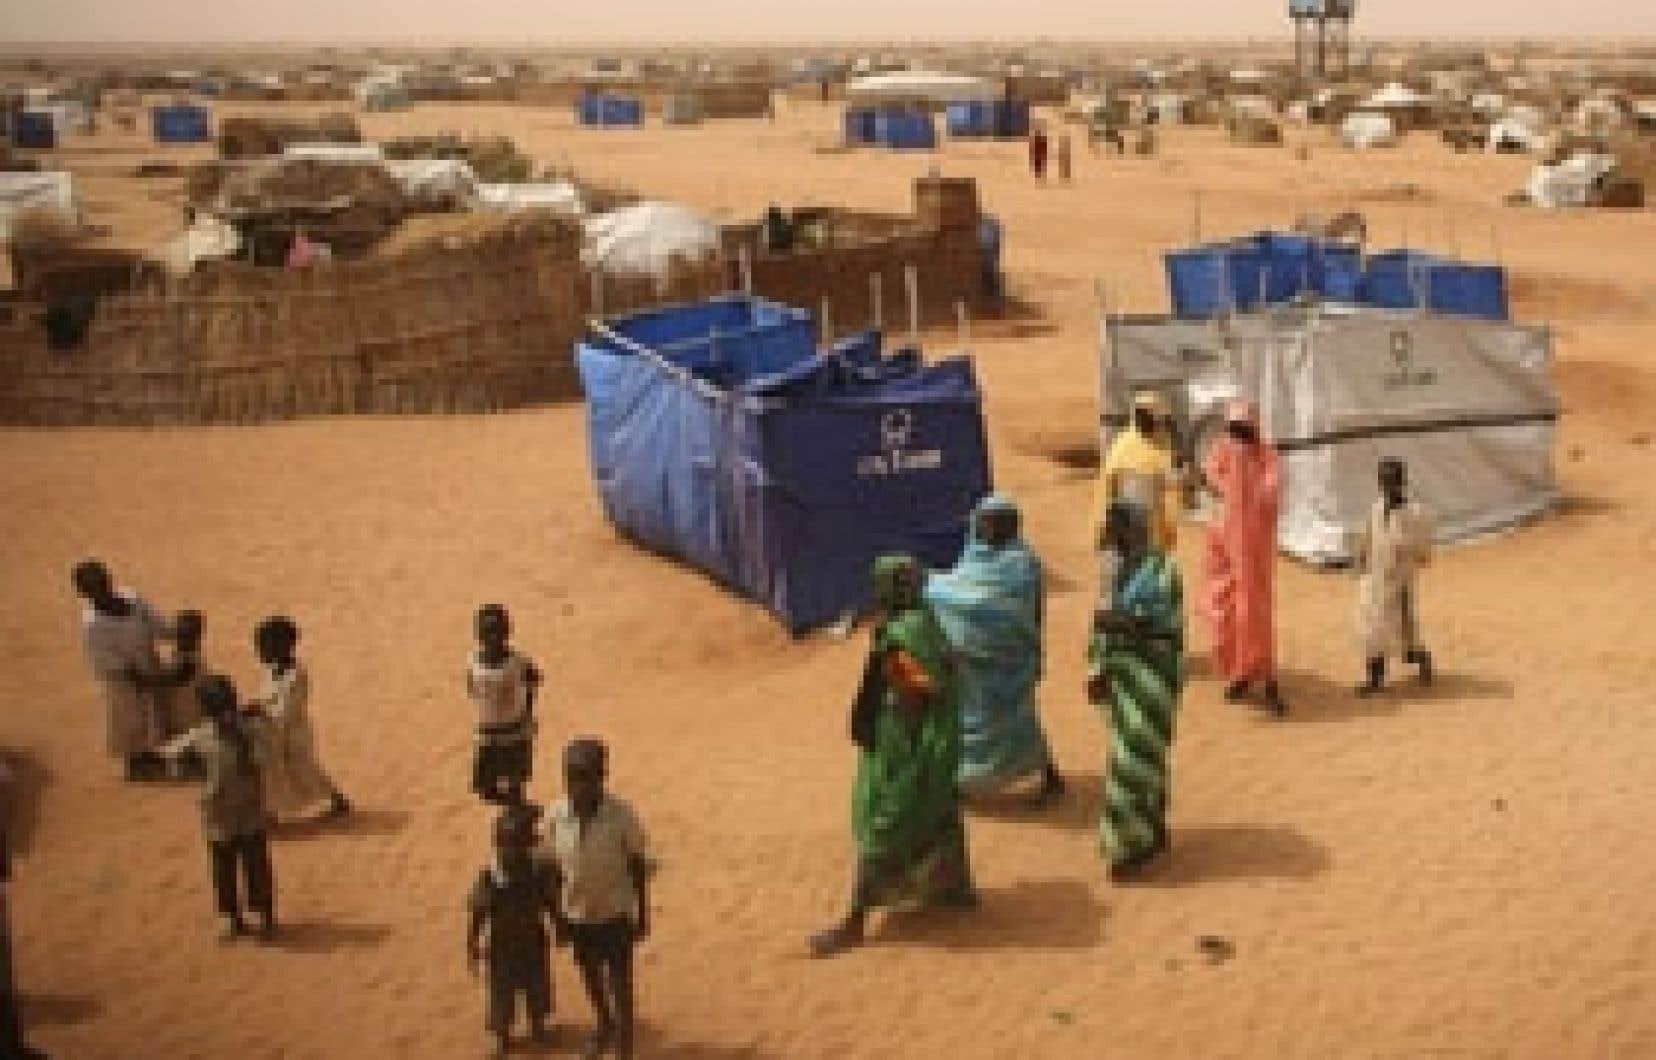 Des réfugiés soudanais attendent dans le camp El-Fasher que les politiciens s'entendent pour leur porter secours.